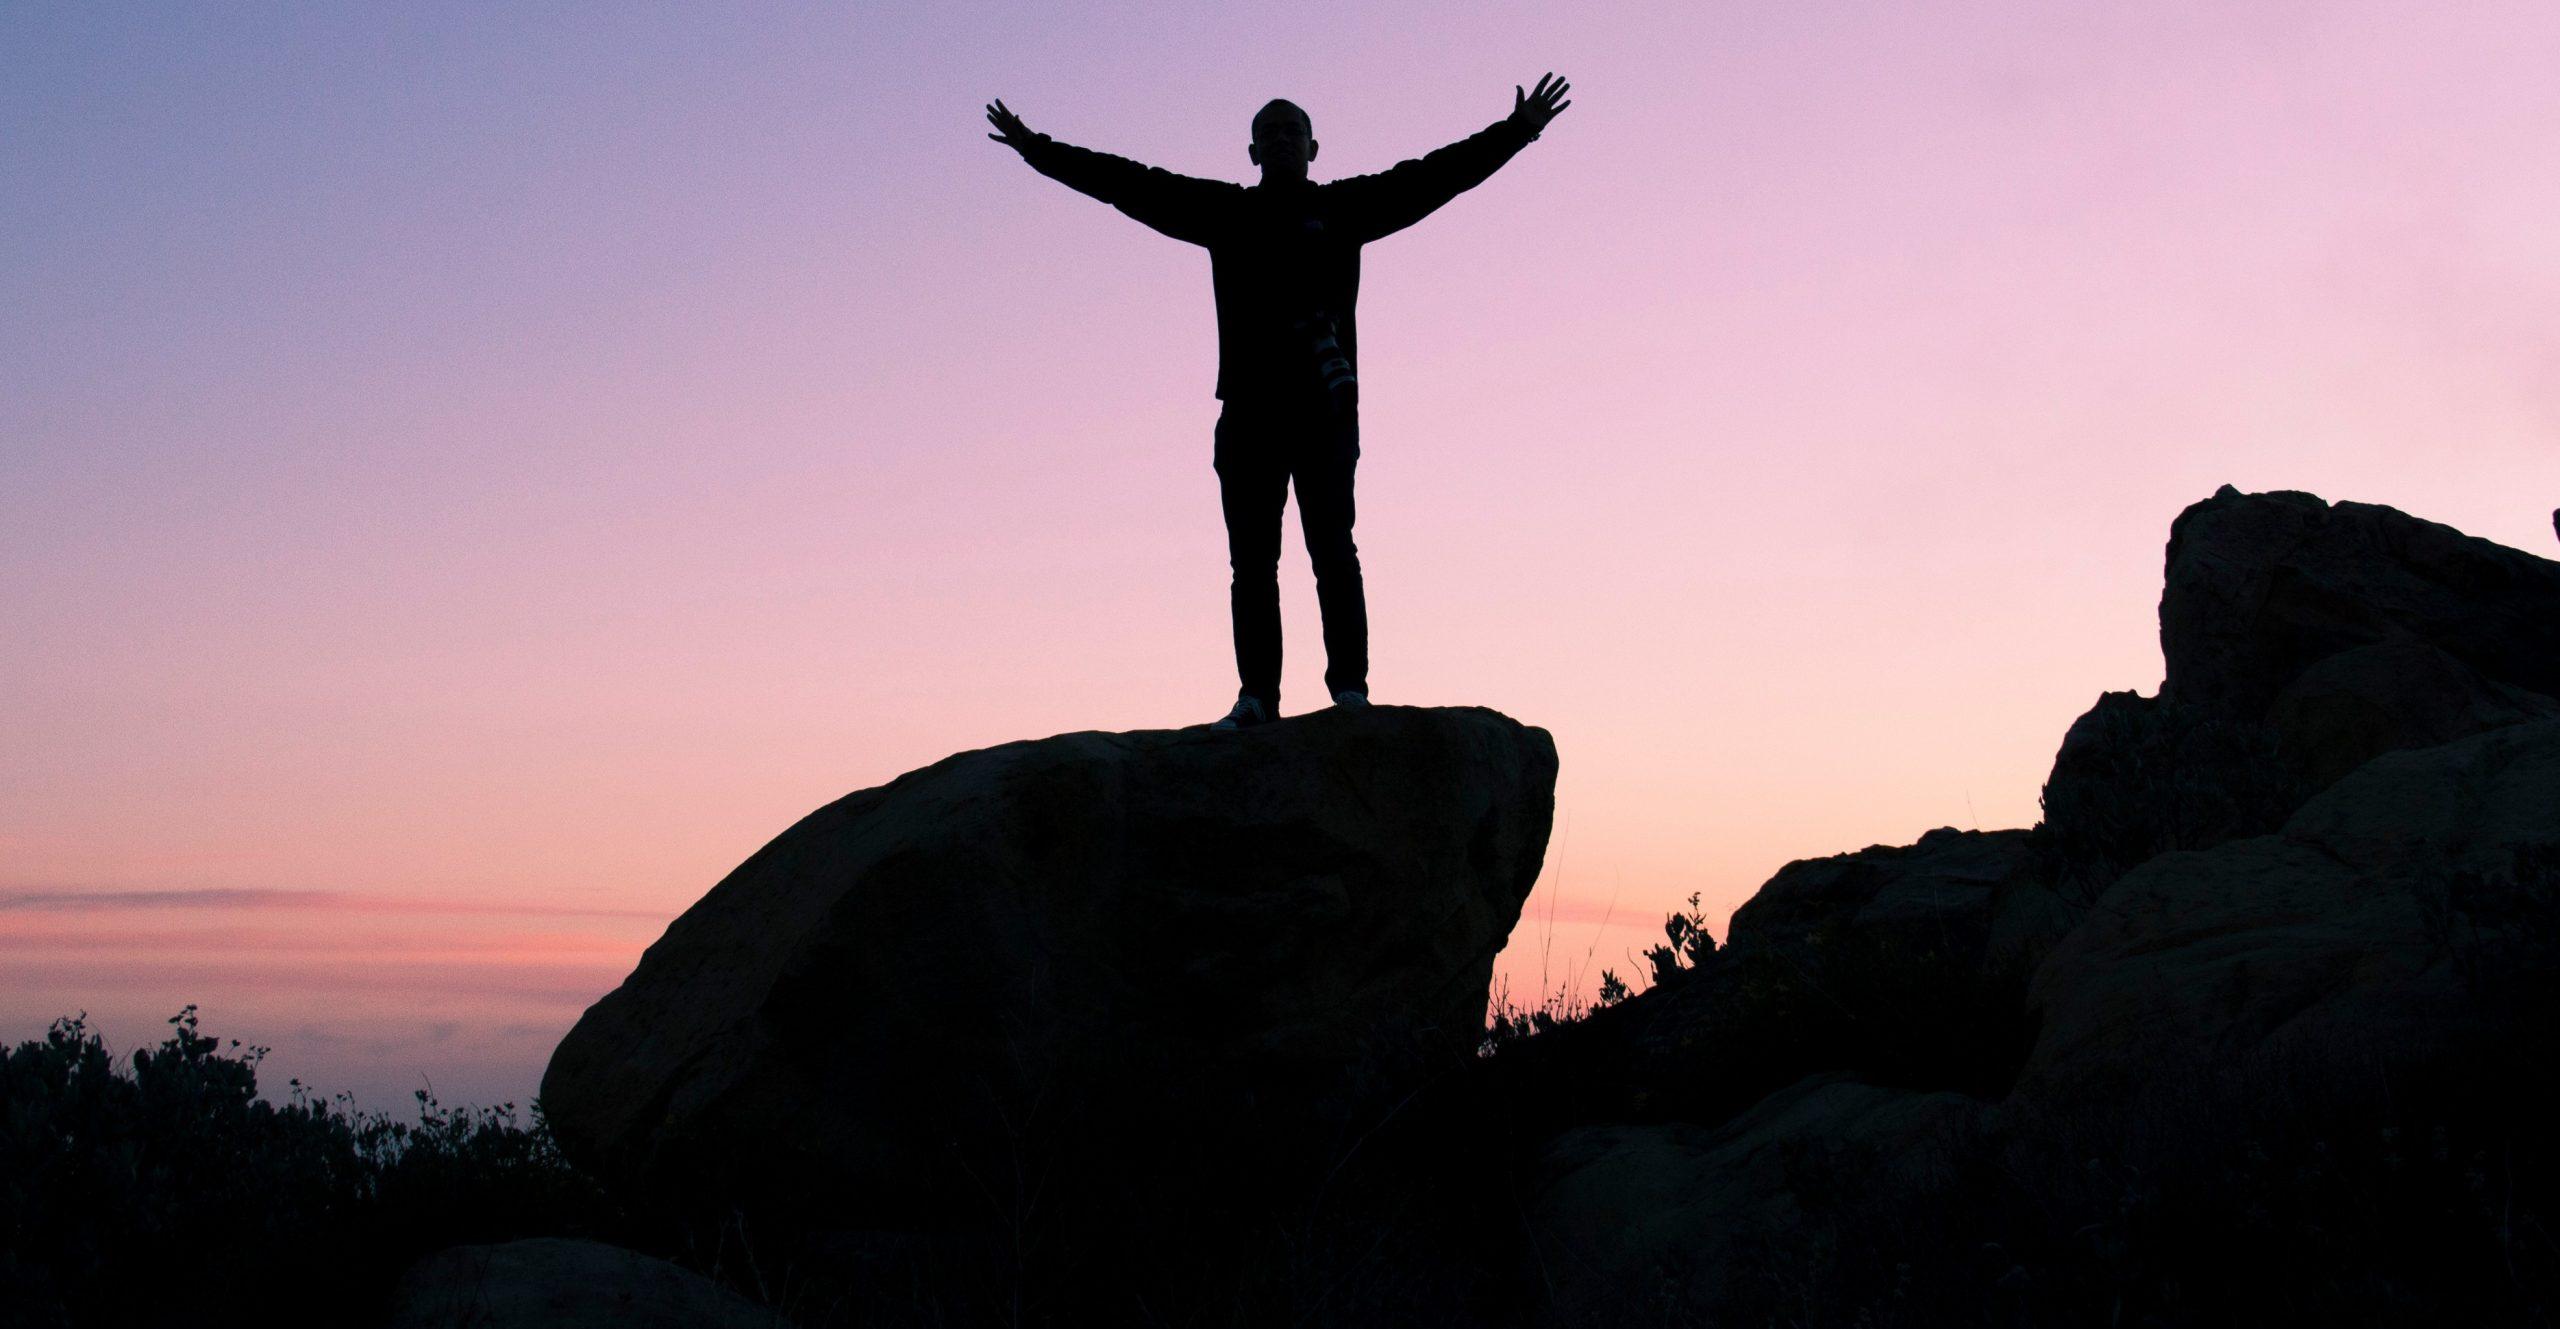 Αυτοπεποίθηση και θετική δήλωση (Μπορώ!)